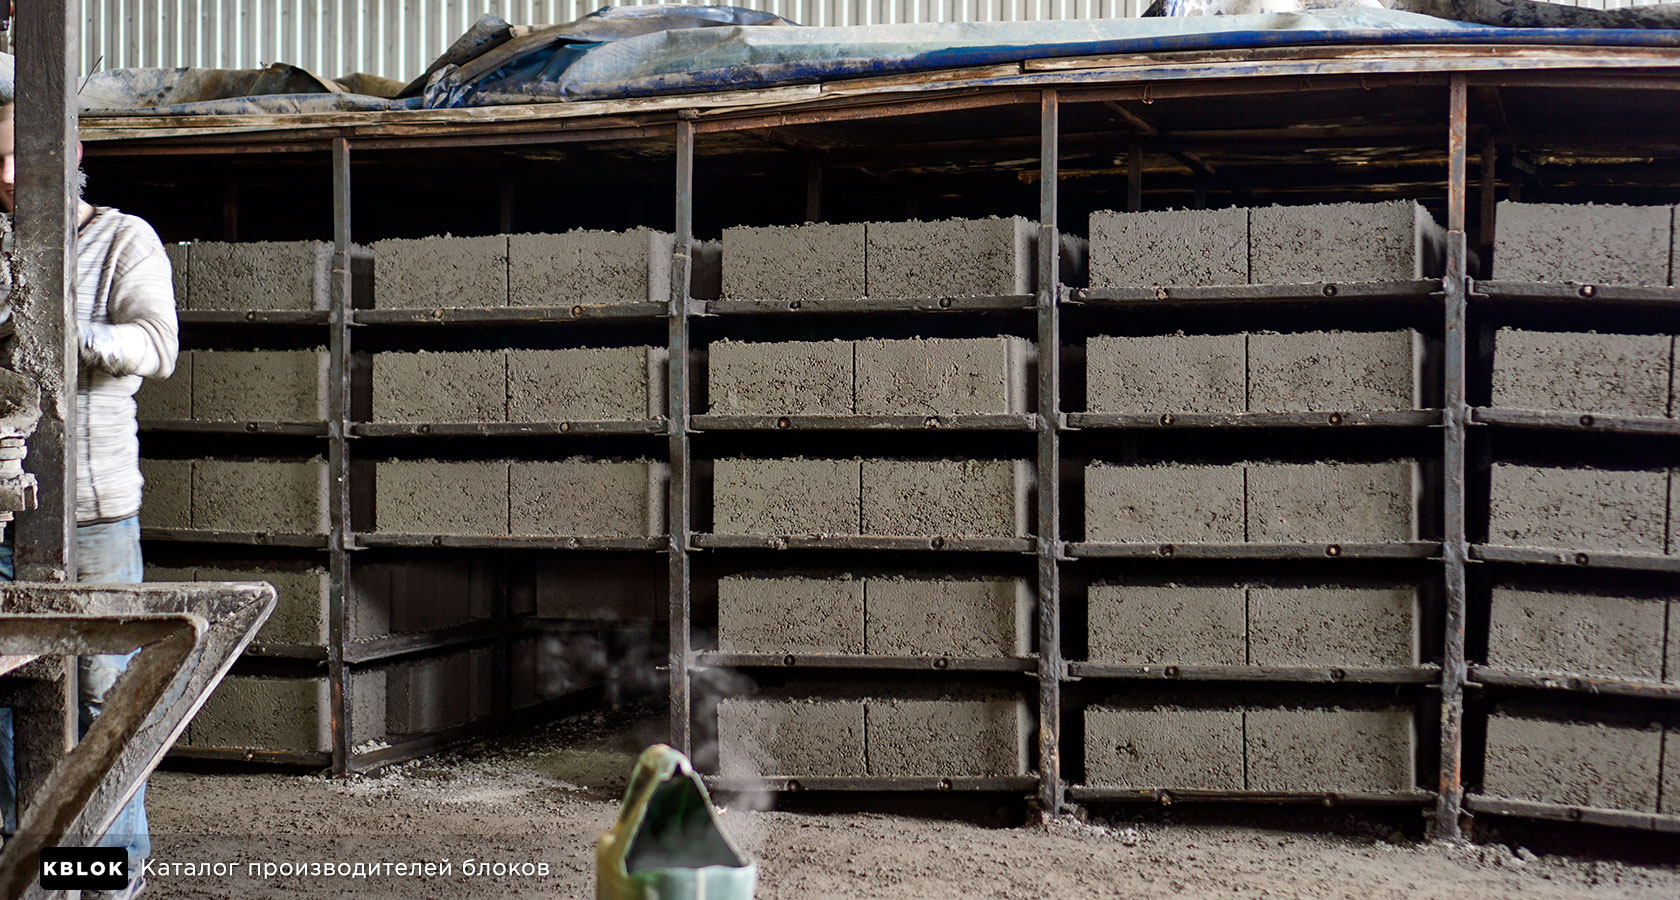 блоки после формовки сушатся в тепловой камере